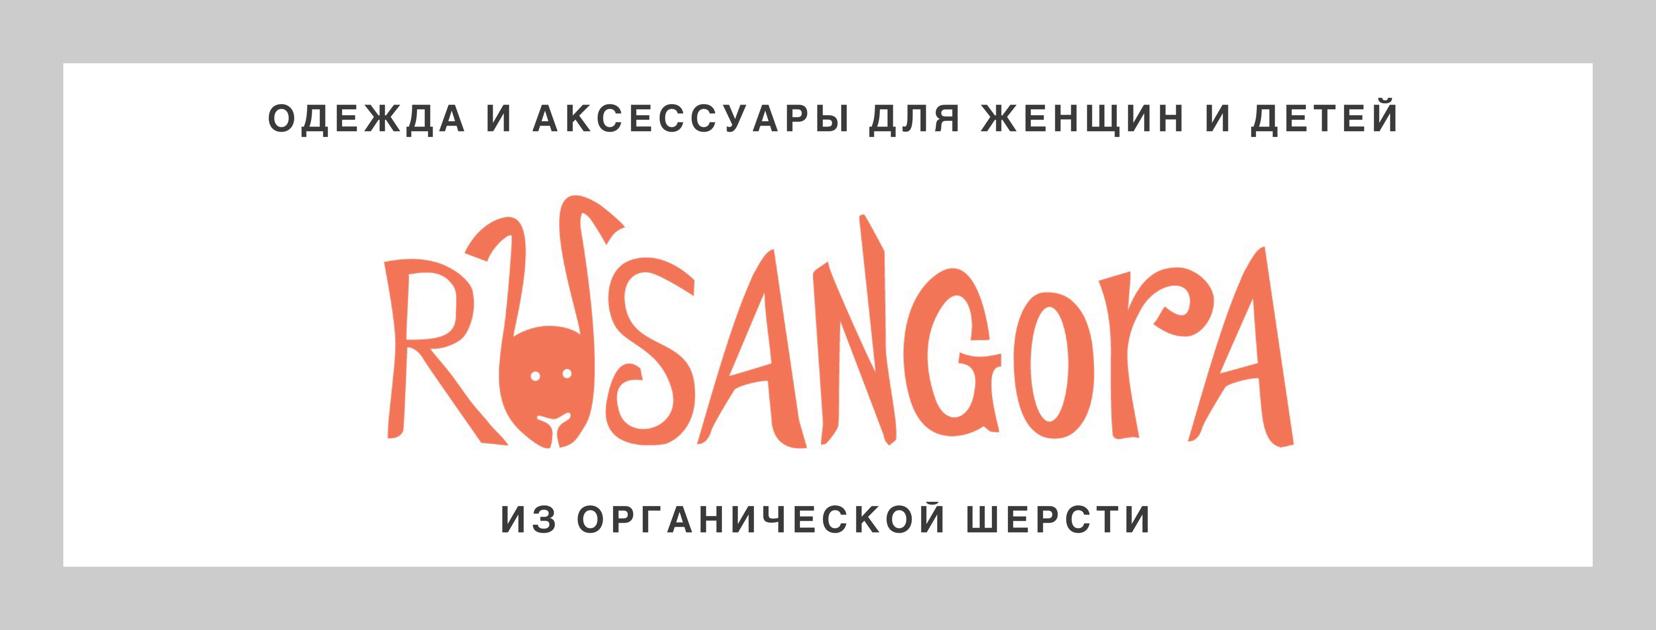 Rusangora - одежда и пряжа премиум-класса из ангоры